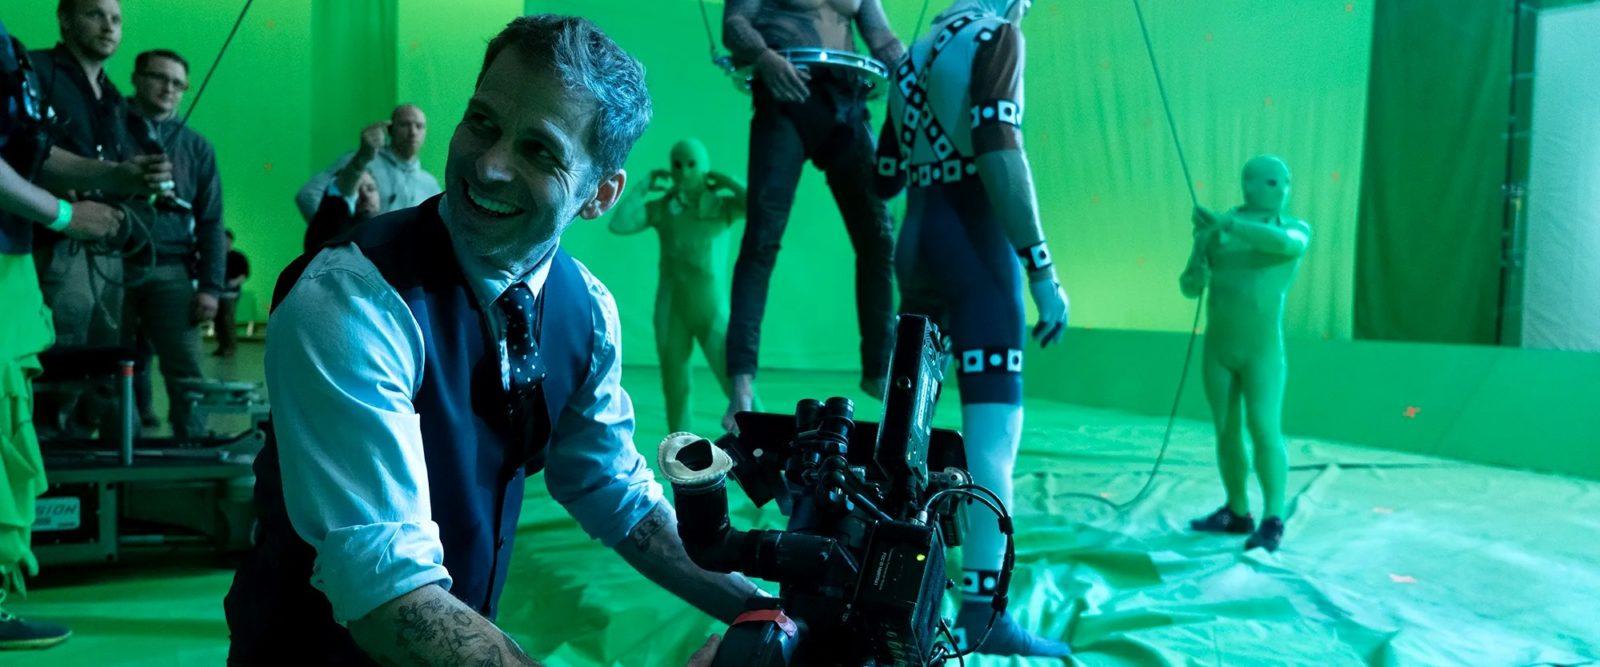 Зак Снайдер снимет свой аналог «Звездных войн»